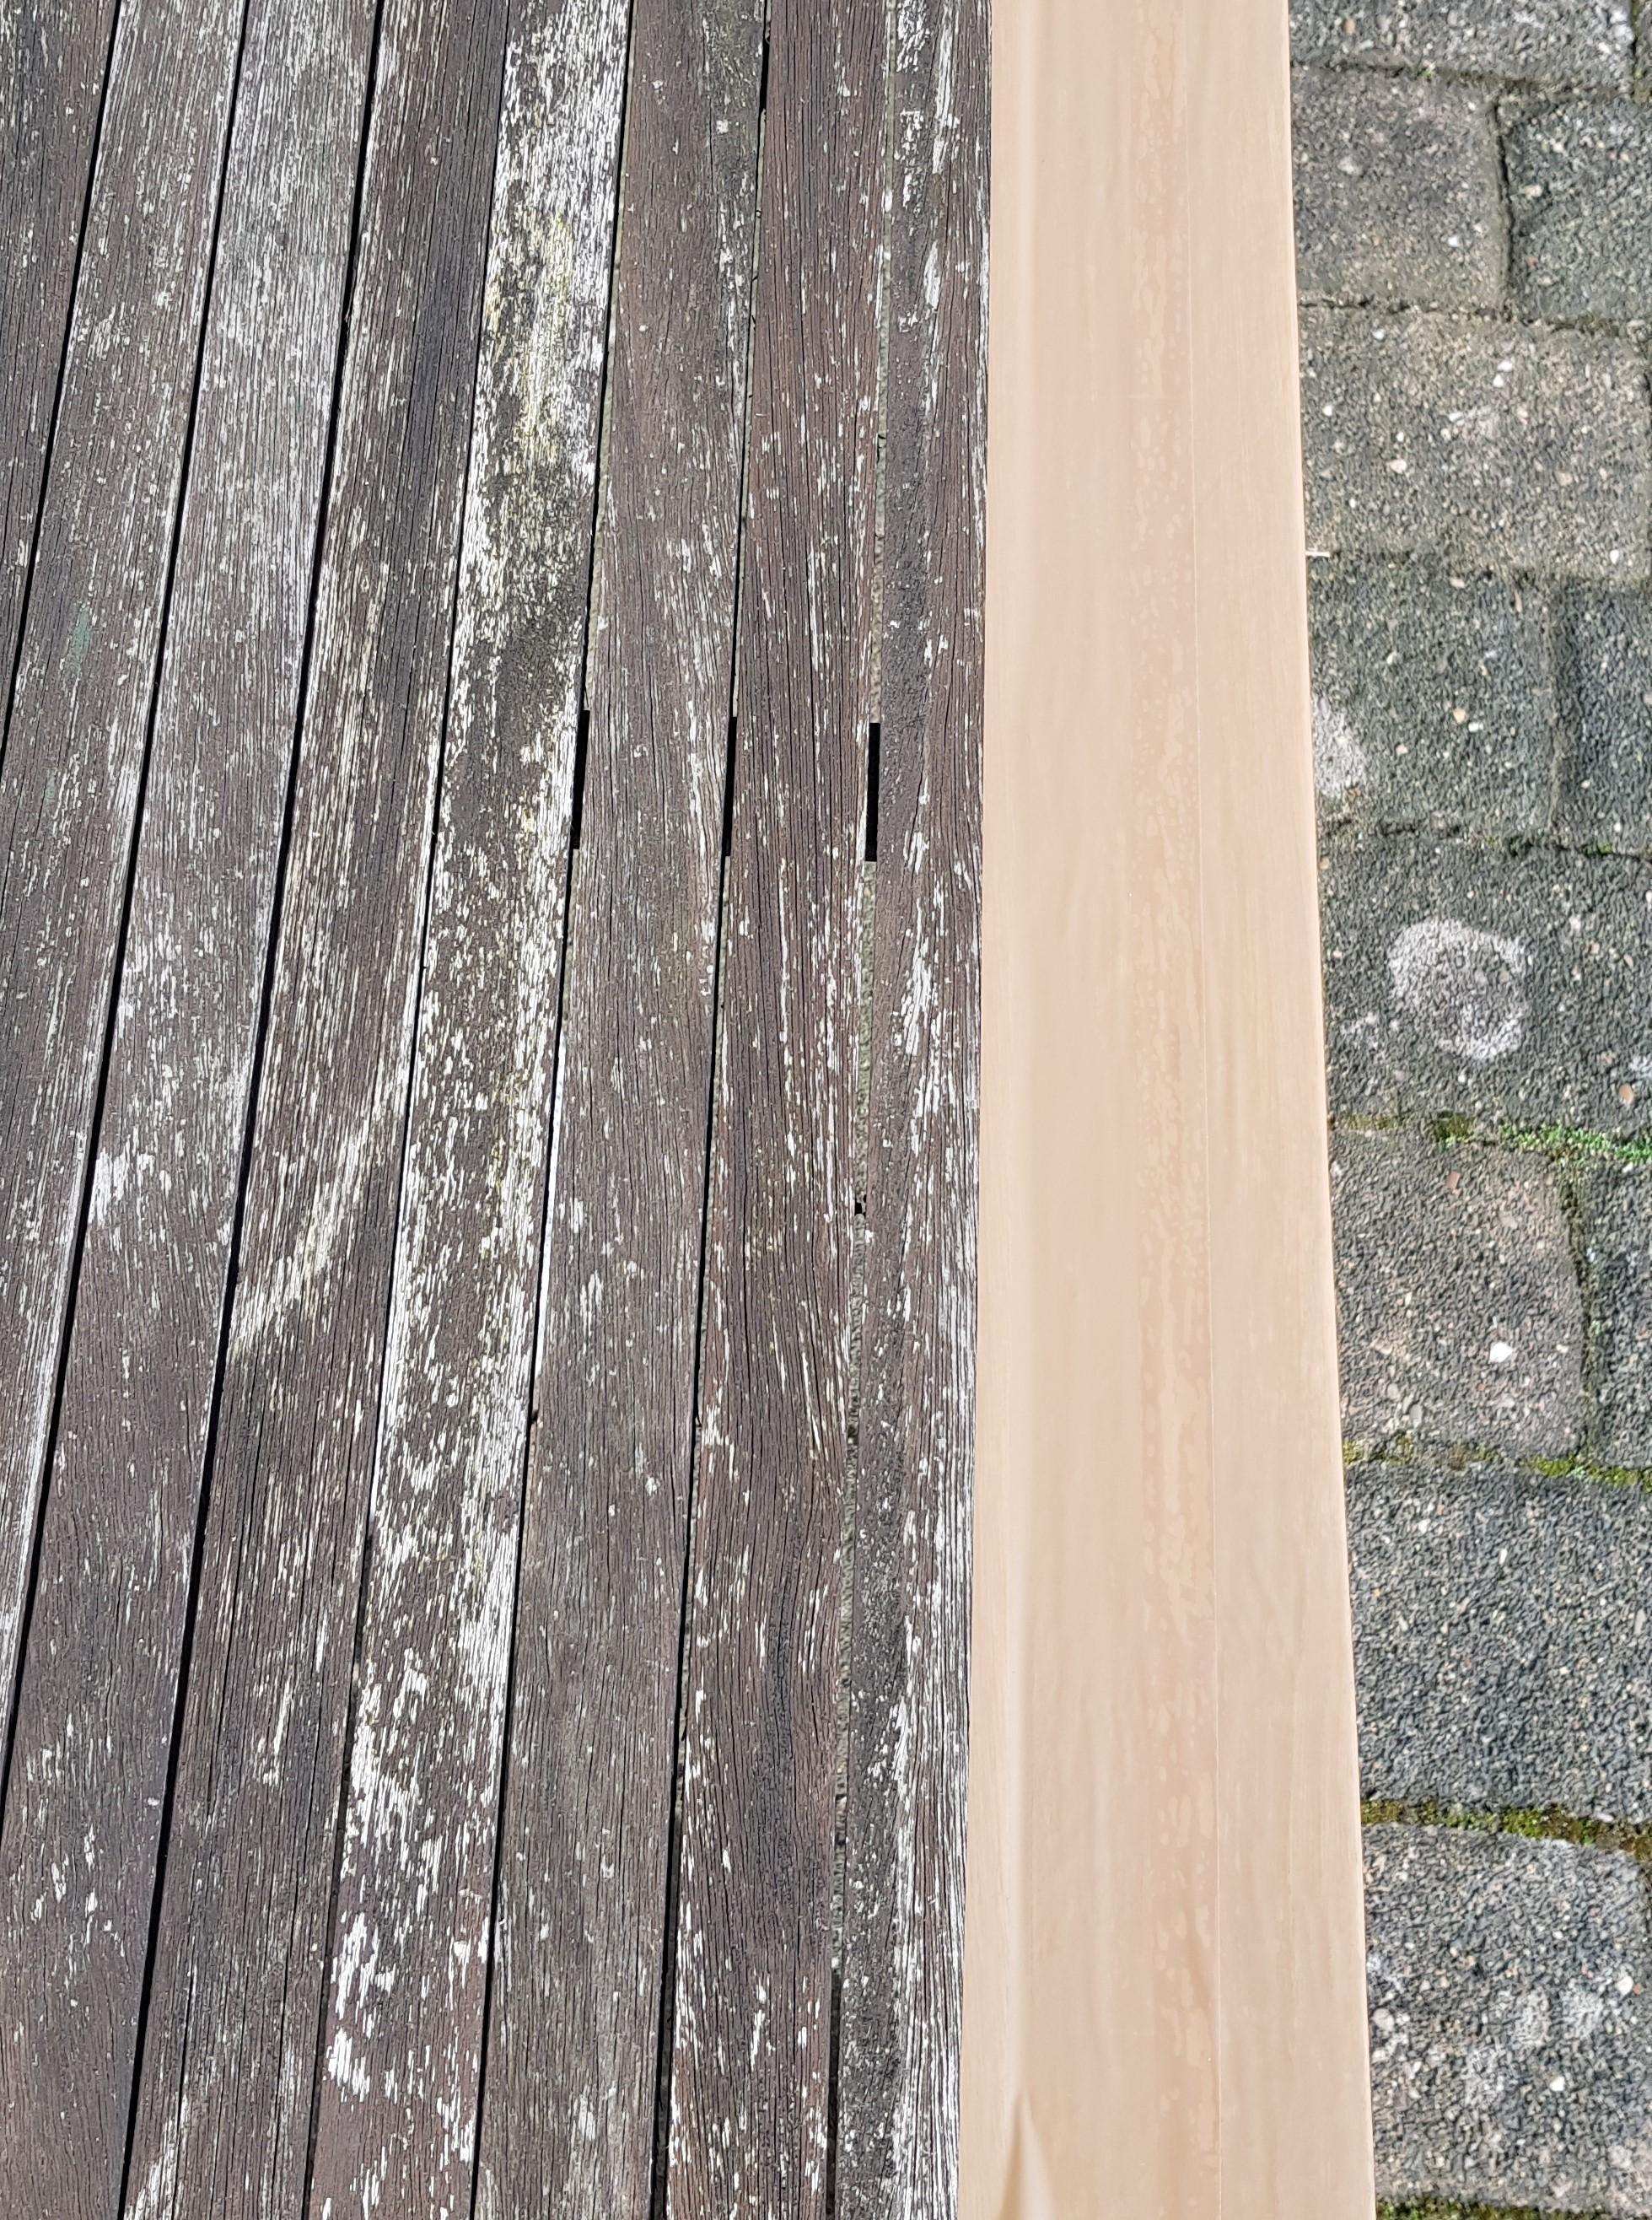 Mit Klebeband versehene Tischkante zum Schutz vor dem Acrylglaskleber